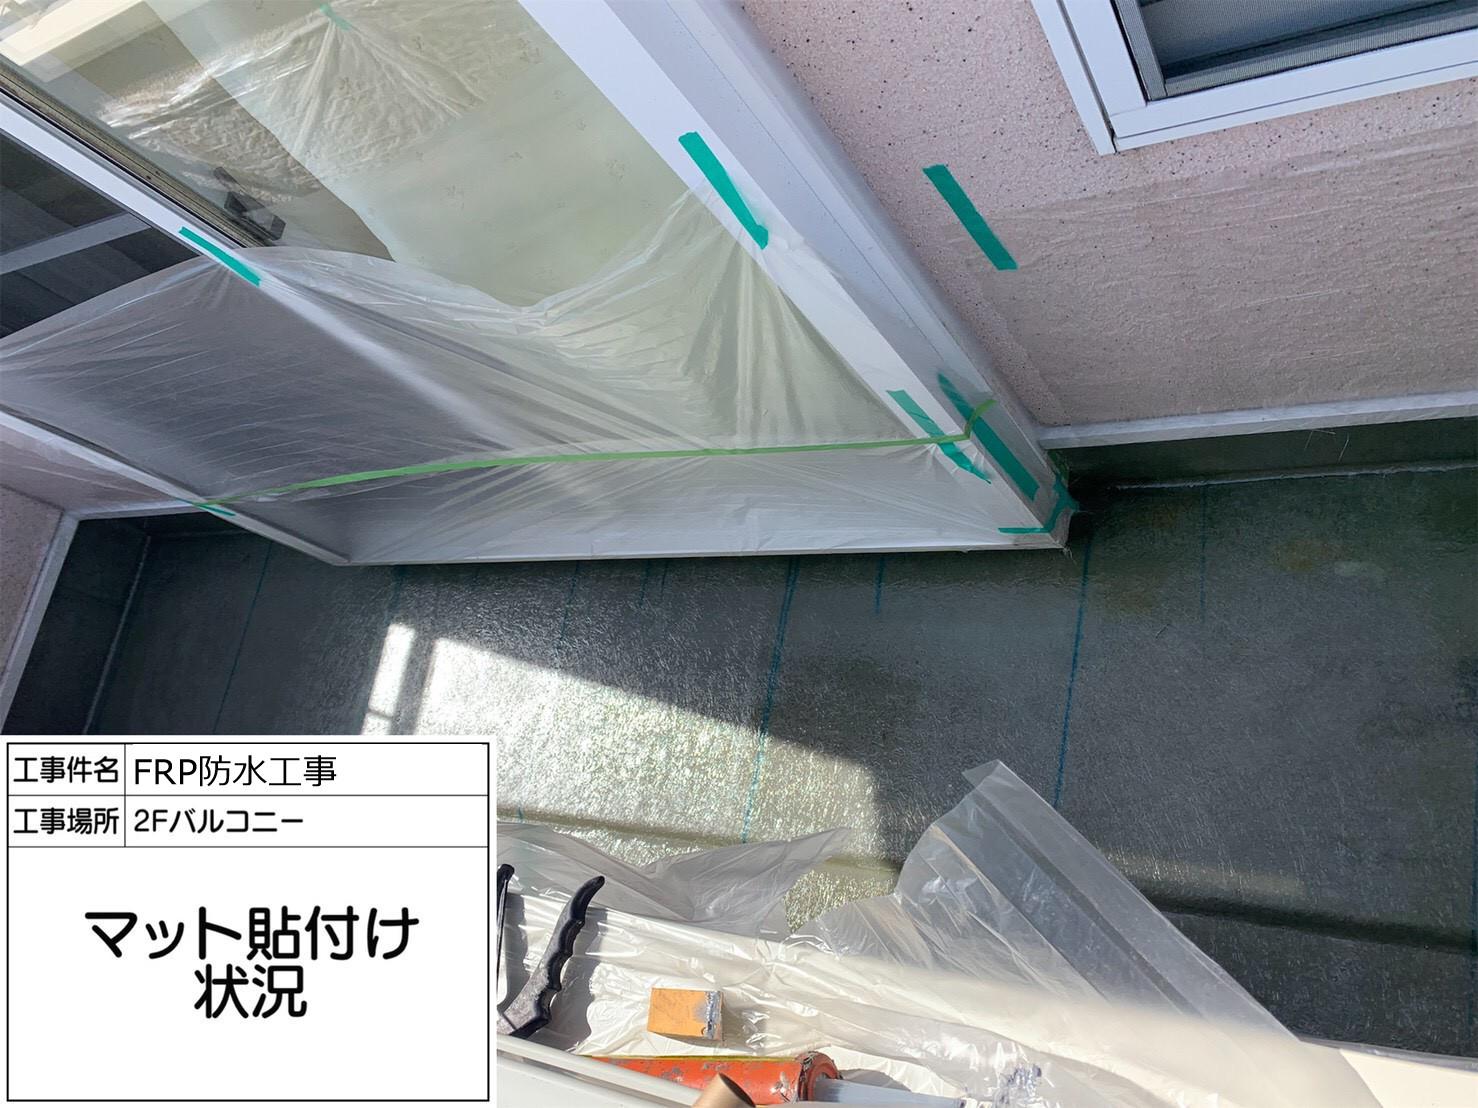 雨漏り修理のためのFRPガラスマット